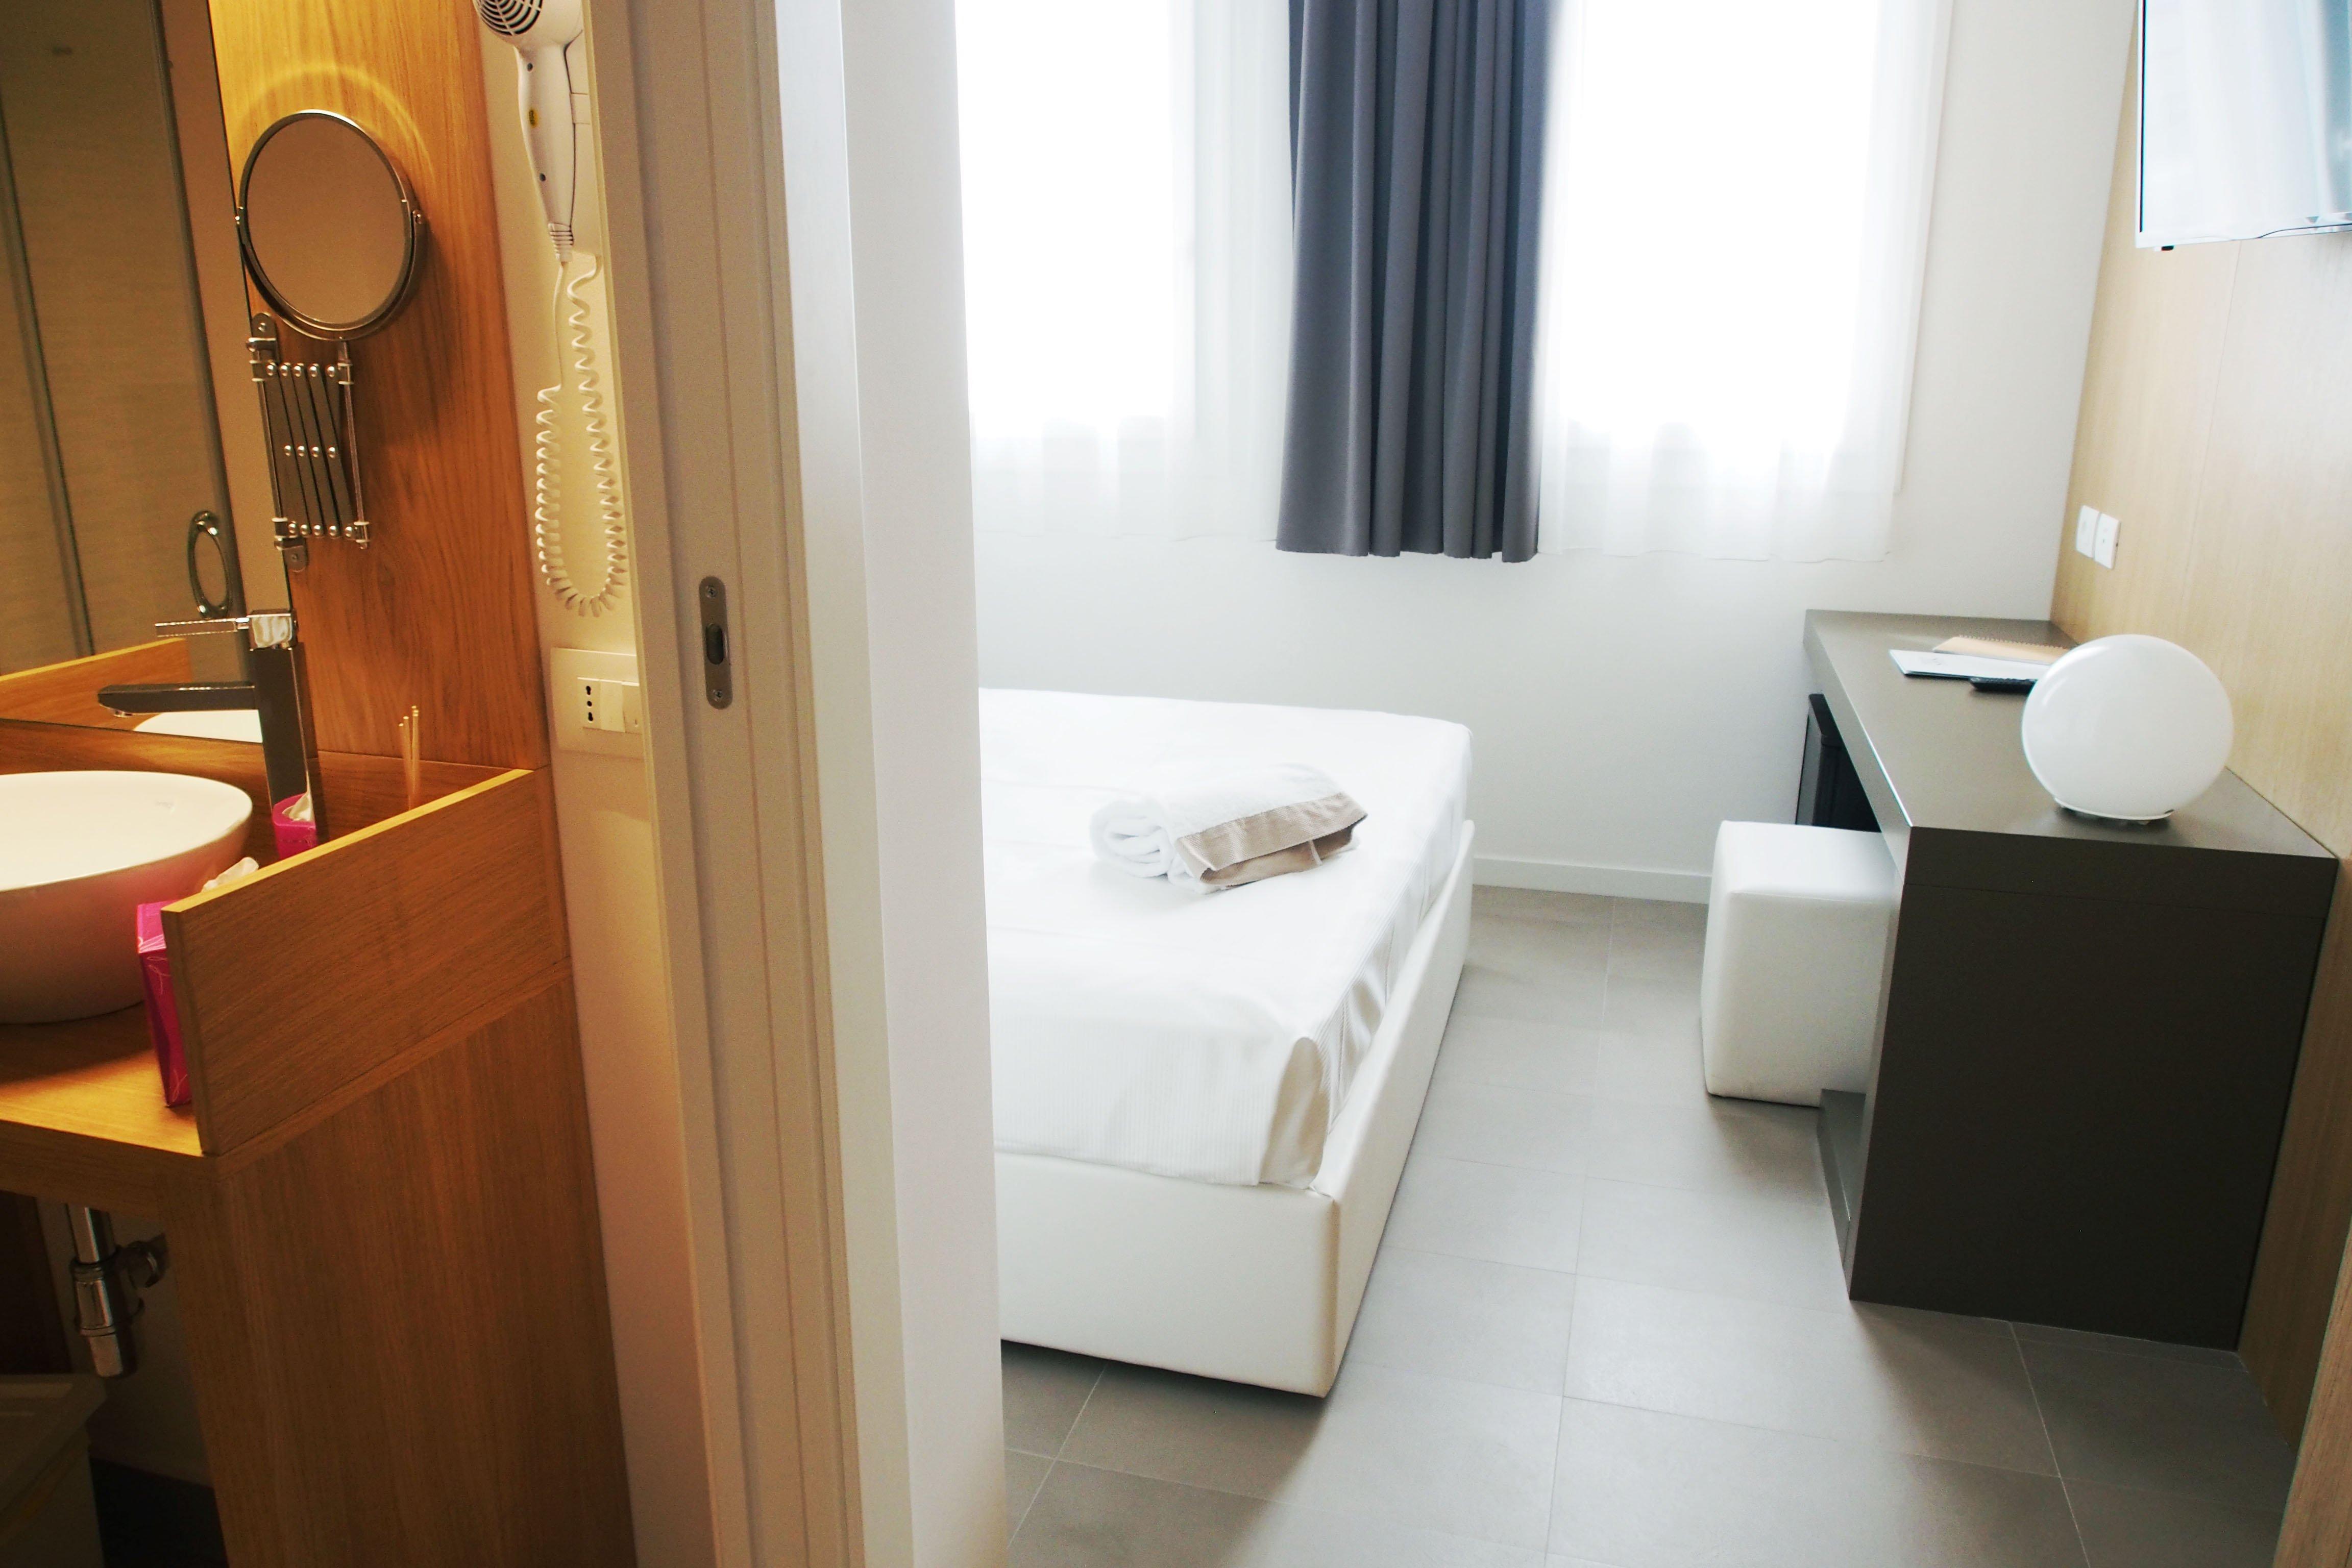 Suites sicilia hotel spa bagno in camera wifi aria - Bagno in camera ...